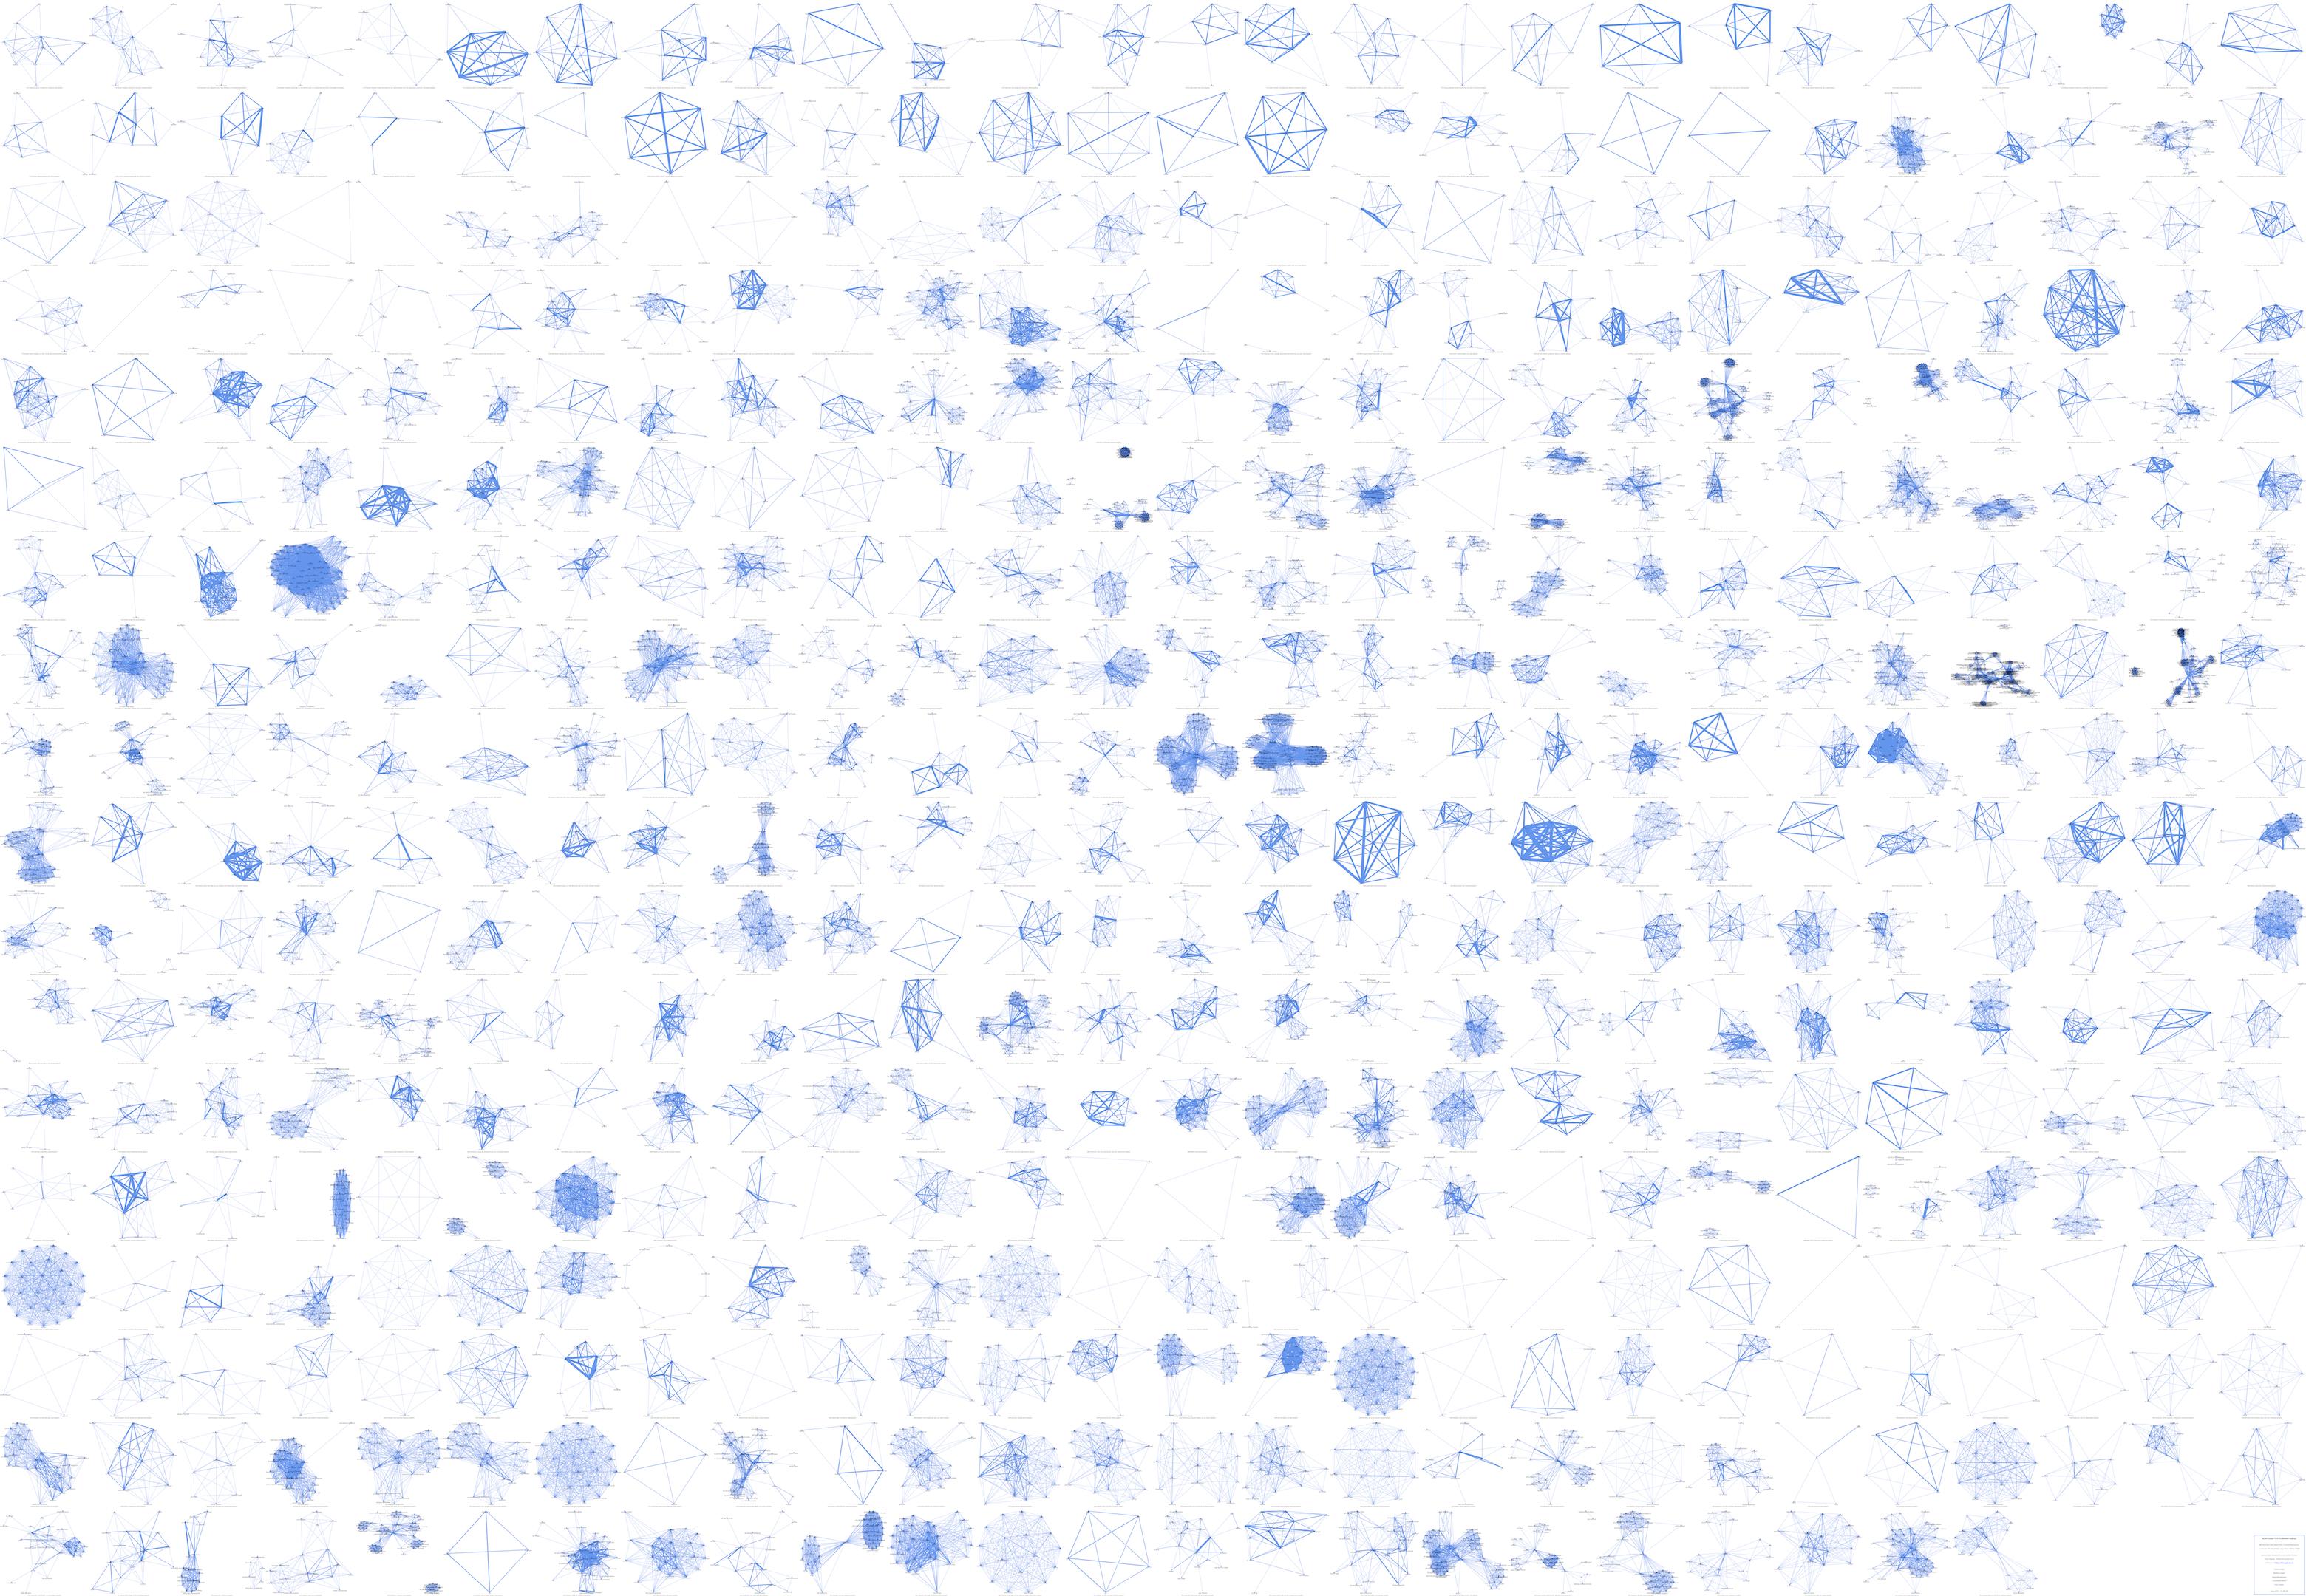 Abb.5: Netzwerkgraphen zu 465 Stücken in                                 chronologischer Reihenfolge. © Eigene Grafik, 2017: CC BY 4.0.